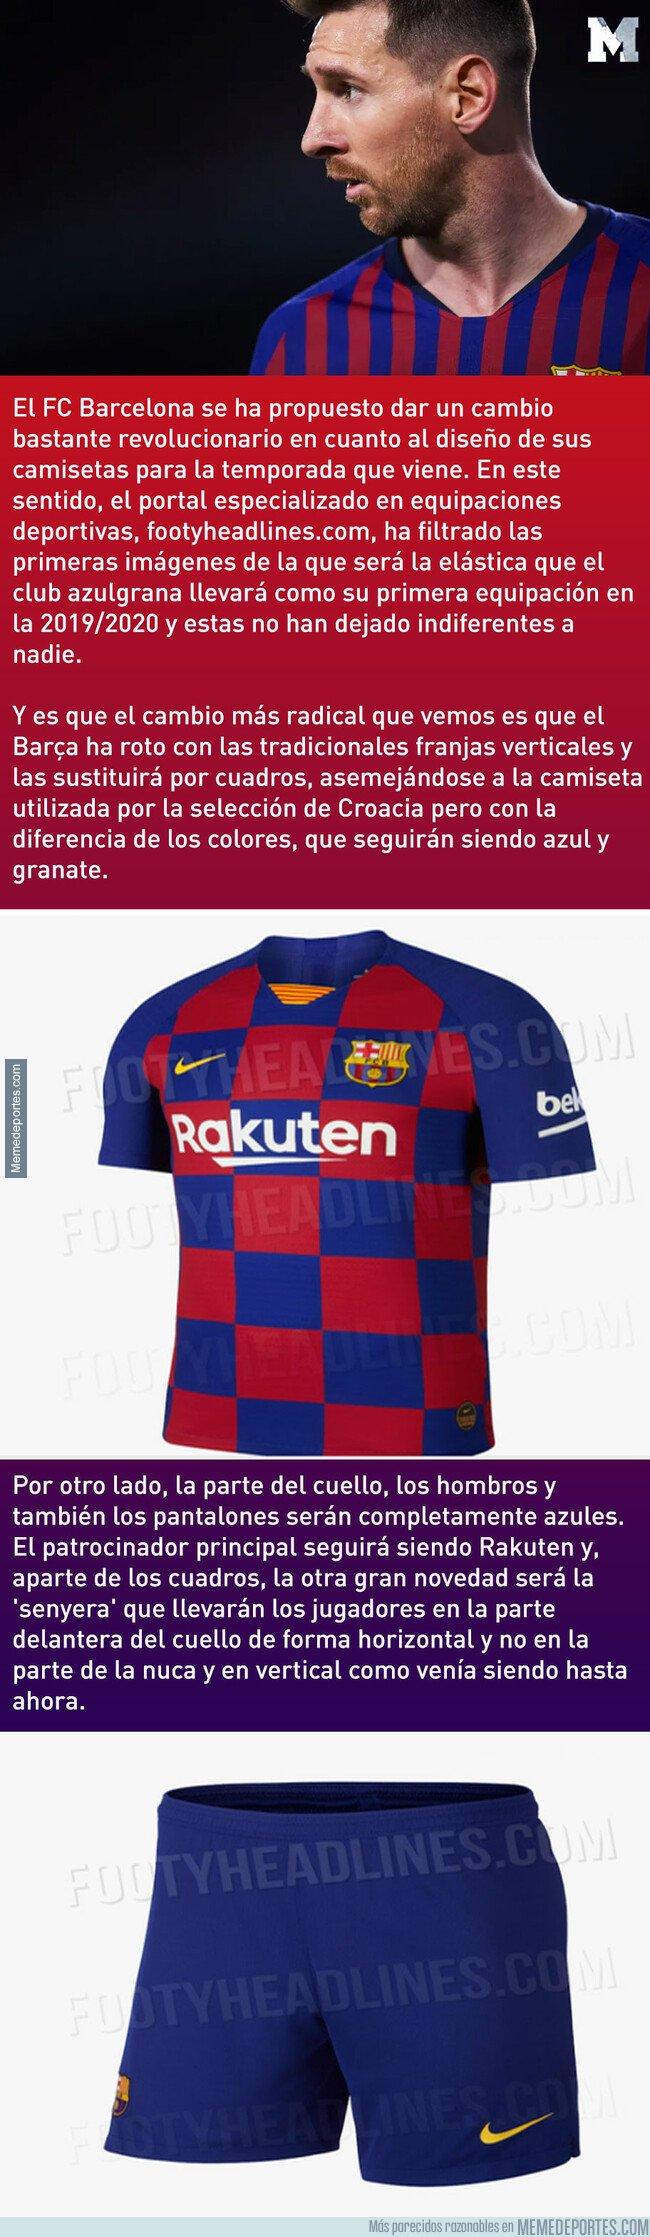 1068989 - Se filtran las primeras imágenes de la revolucionaria nueva equipación del FC Barcelona